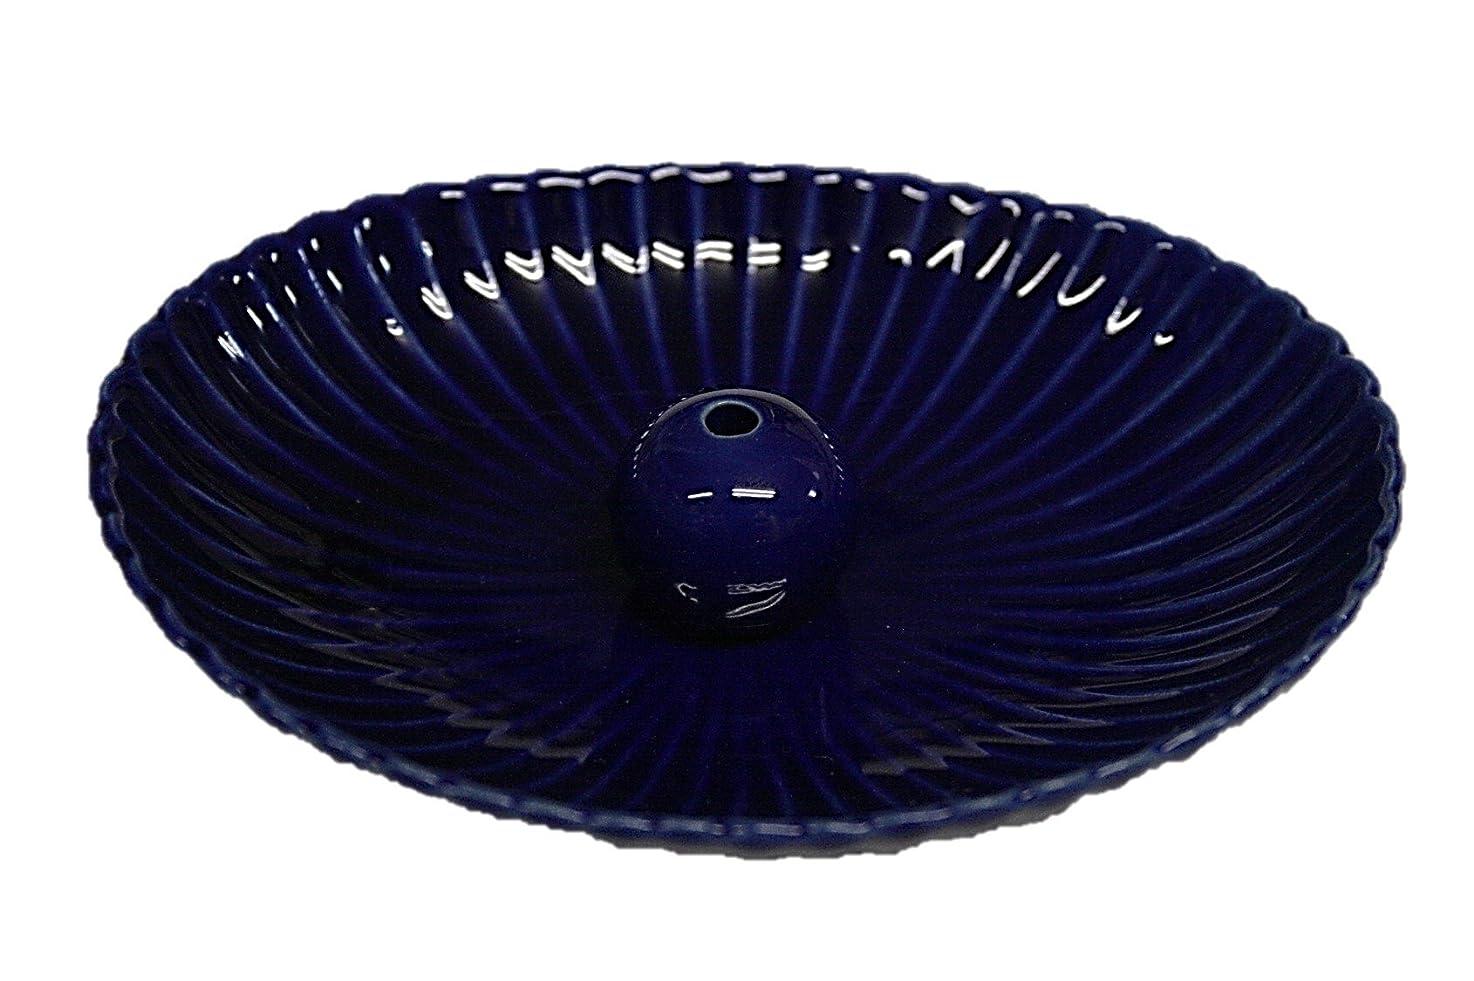 交差点同盟市町村瑠璃色 楕円皿 日本製 製造?直売 お香立て お香たて 陶器 少し深めな香皿